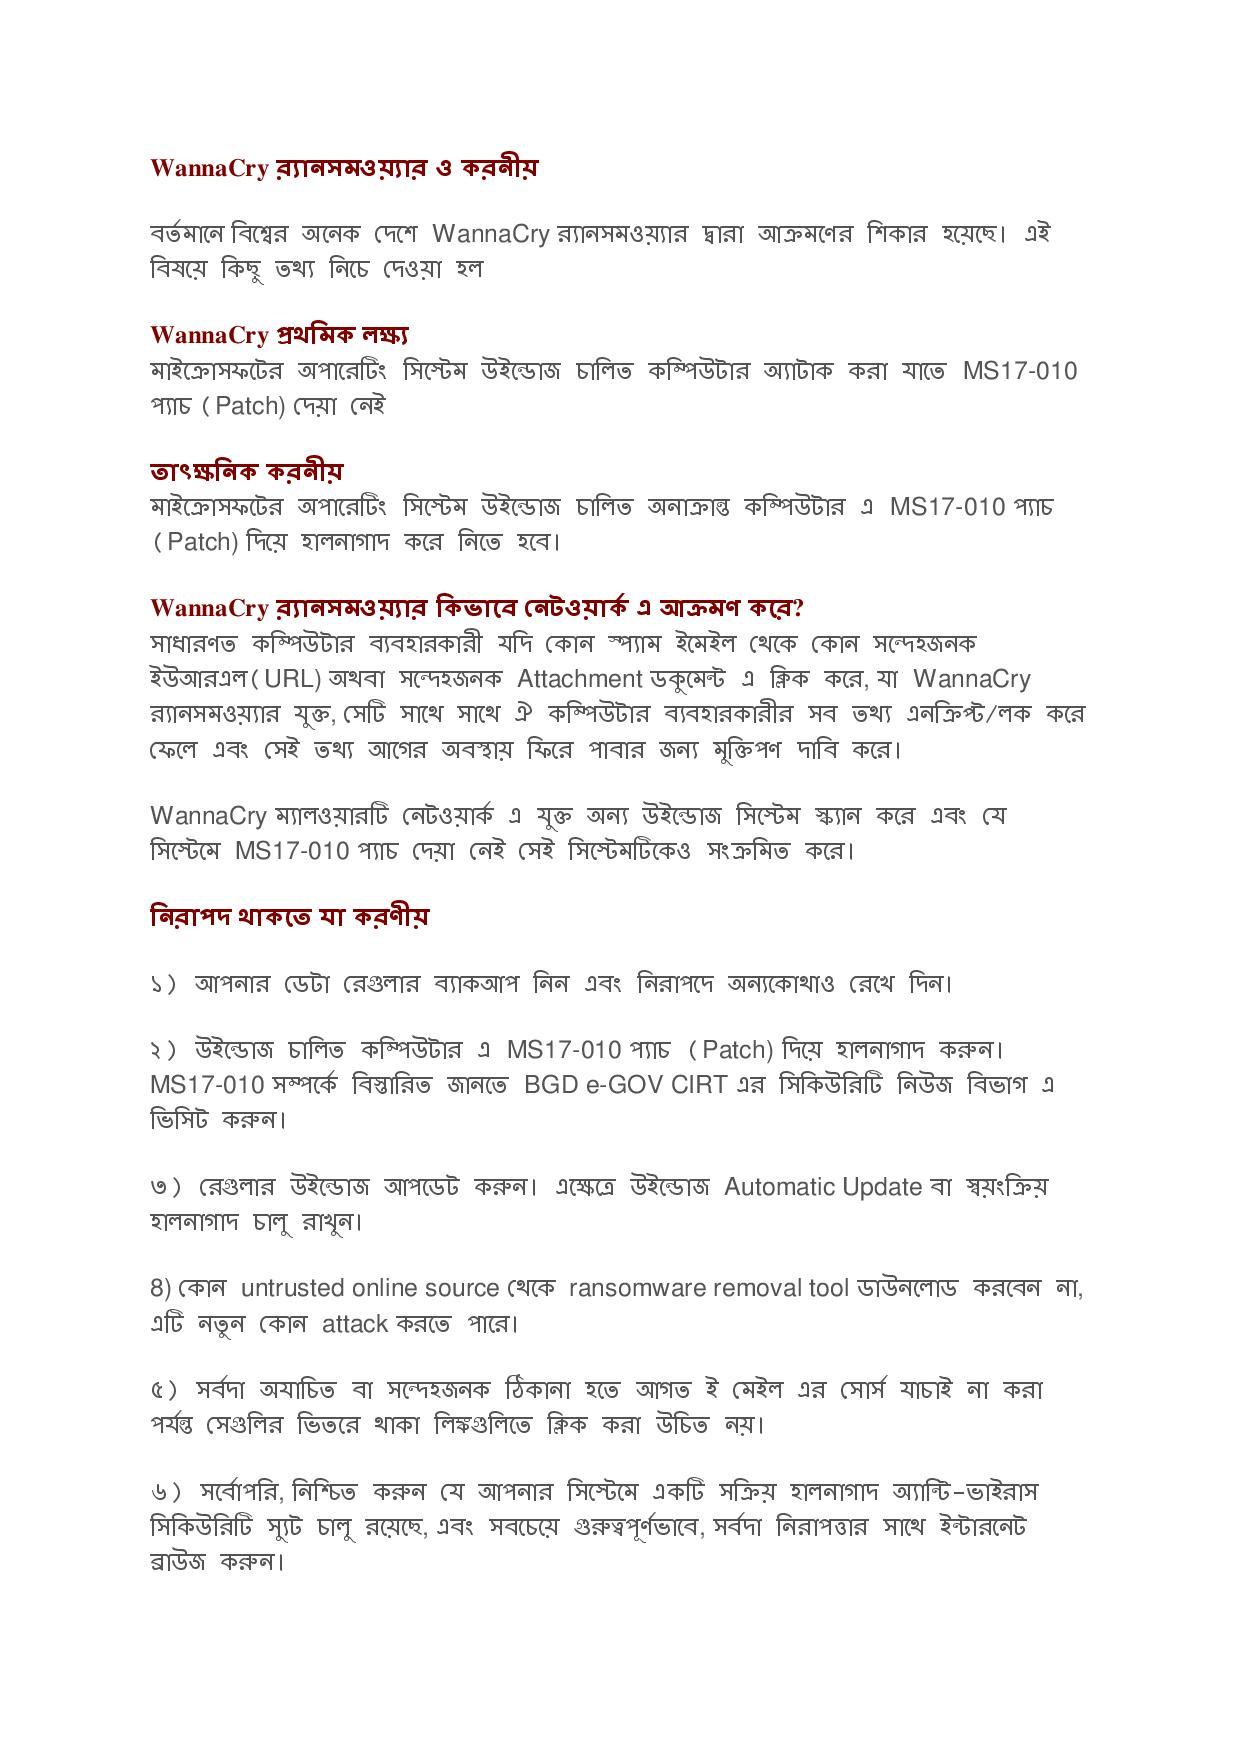 WannaCry-bangla-page-001-2